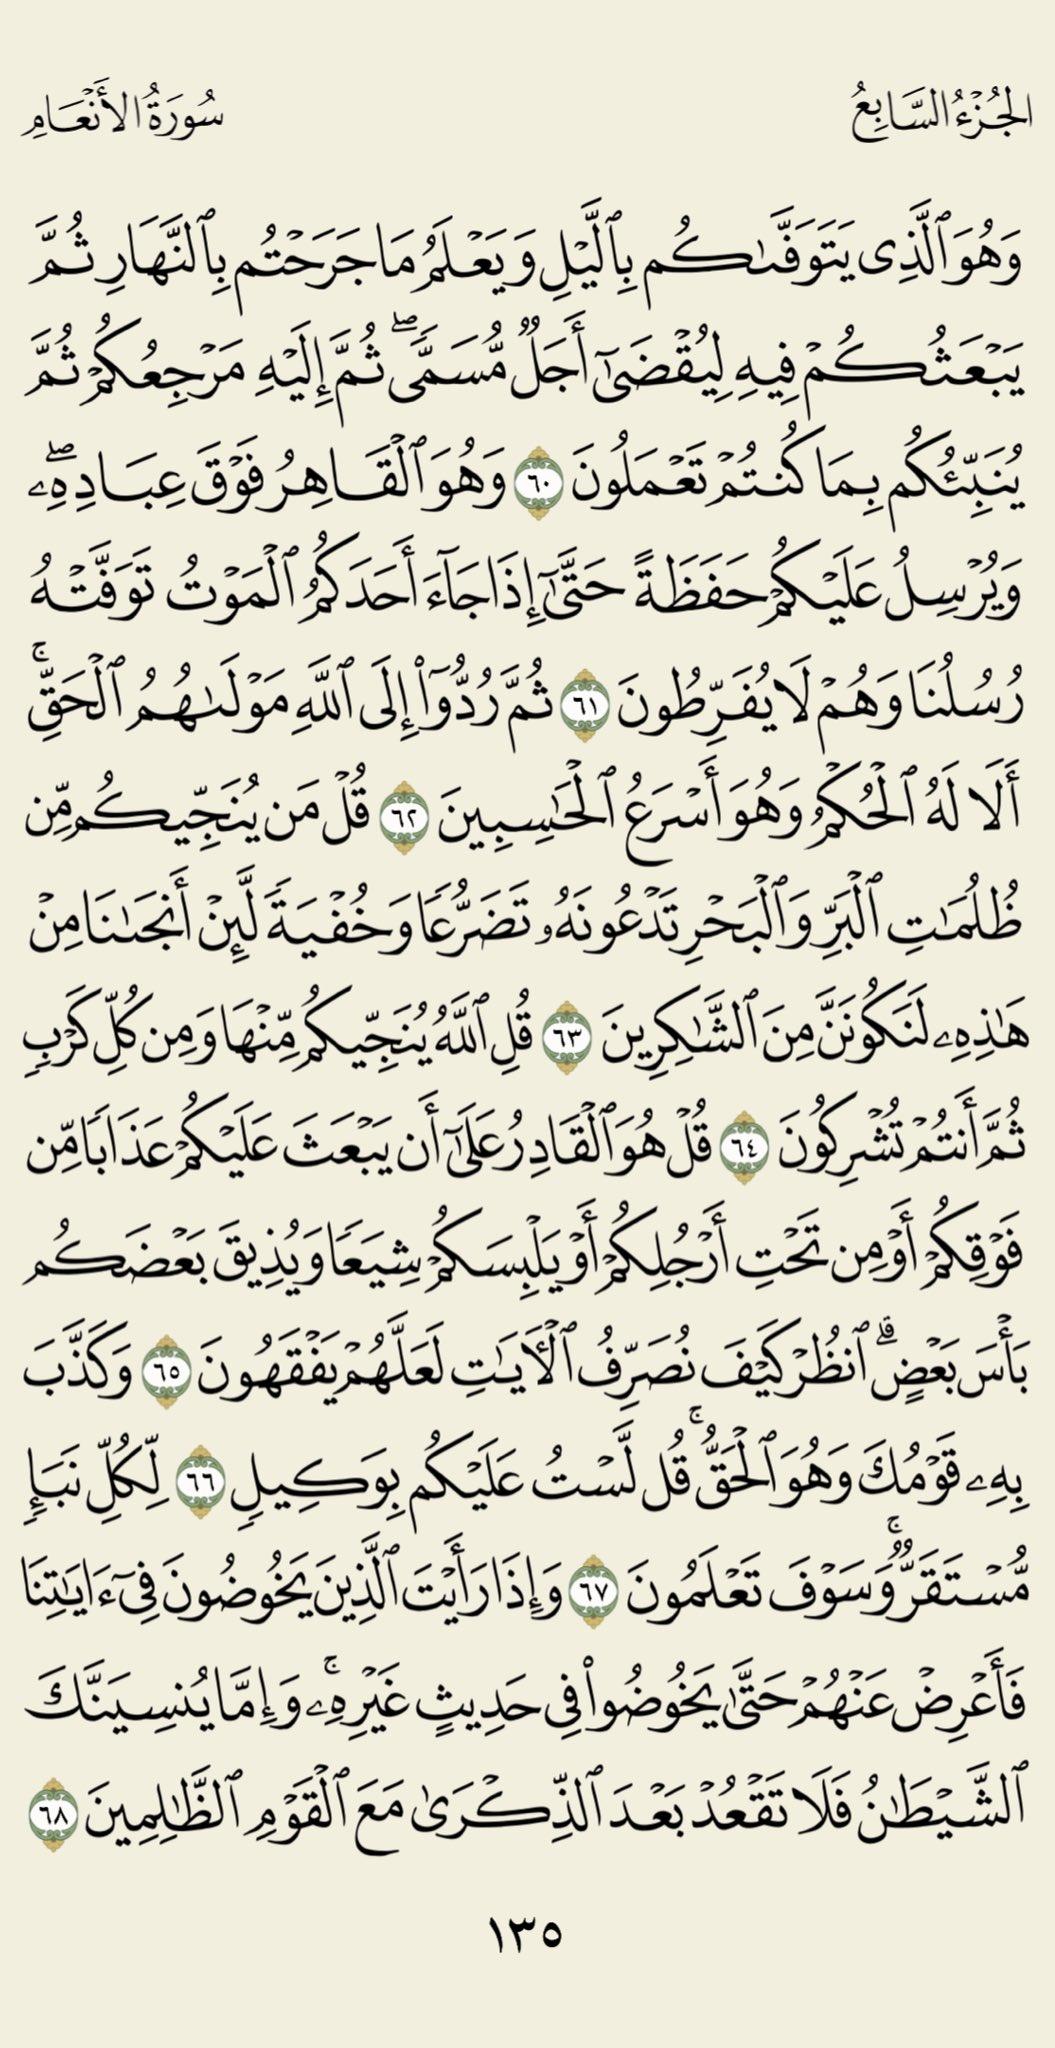 قال رسول الله صلى الله عليه وسلم...